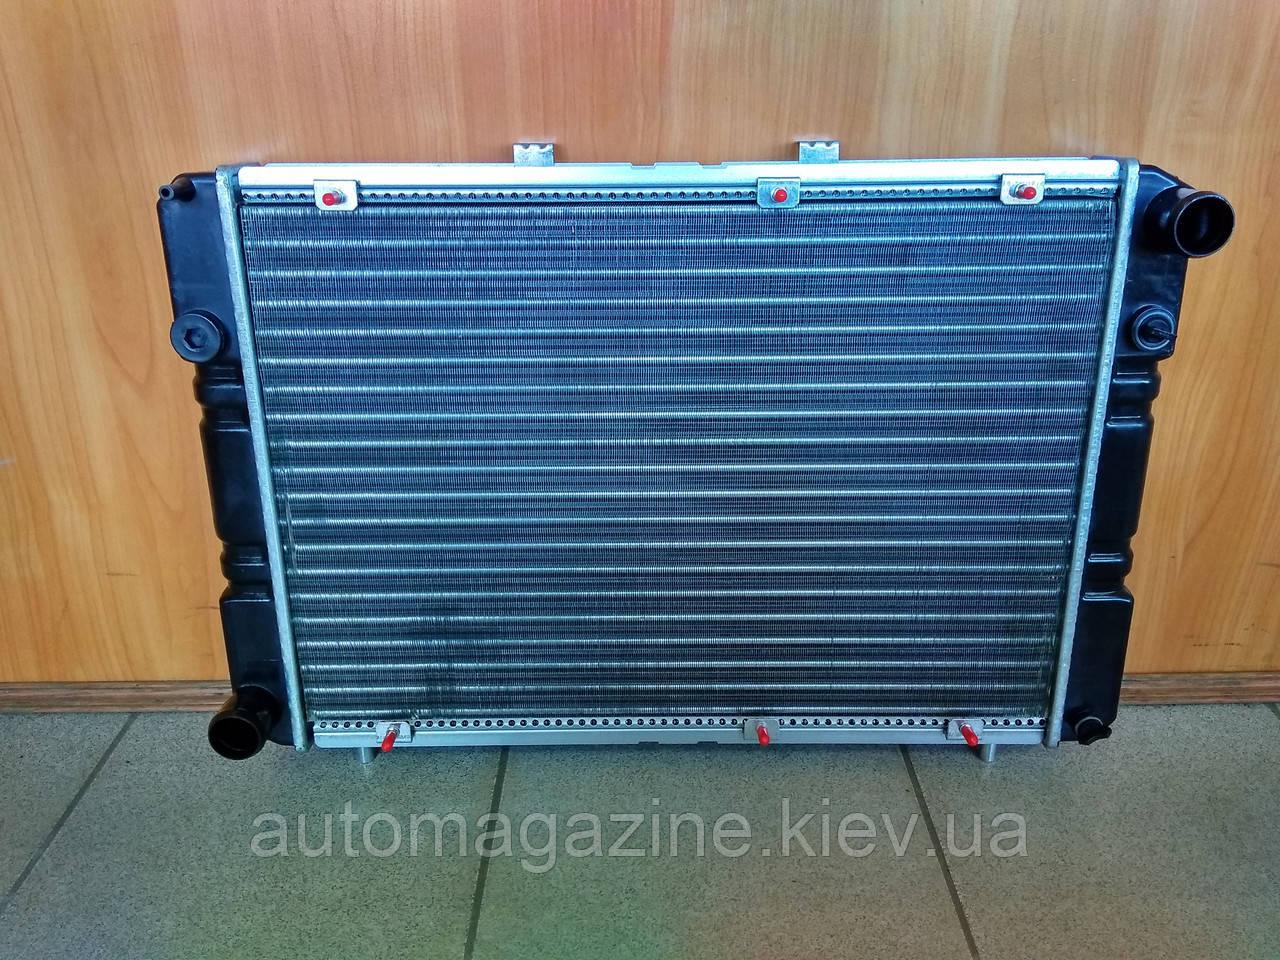 Радиатор водяного охлаждения ГАЗ 3110 - ГАЗ 31105 (алюминиевый)